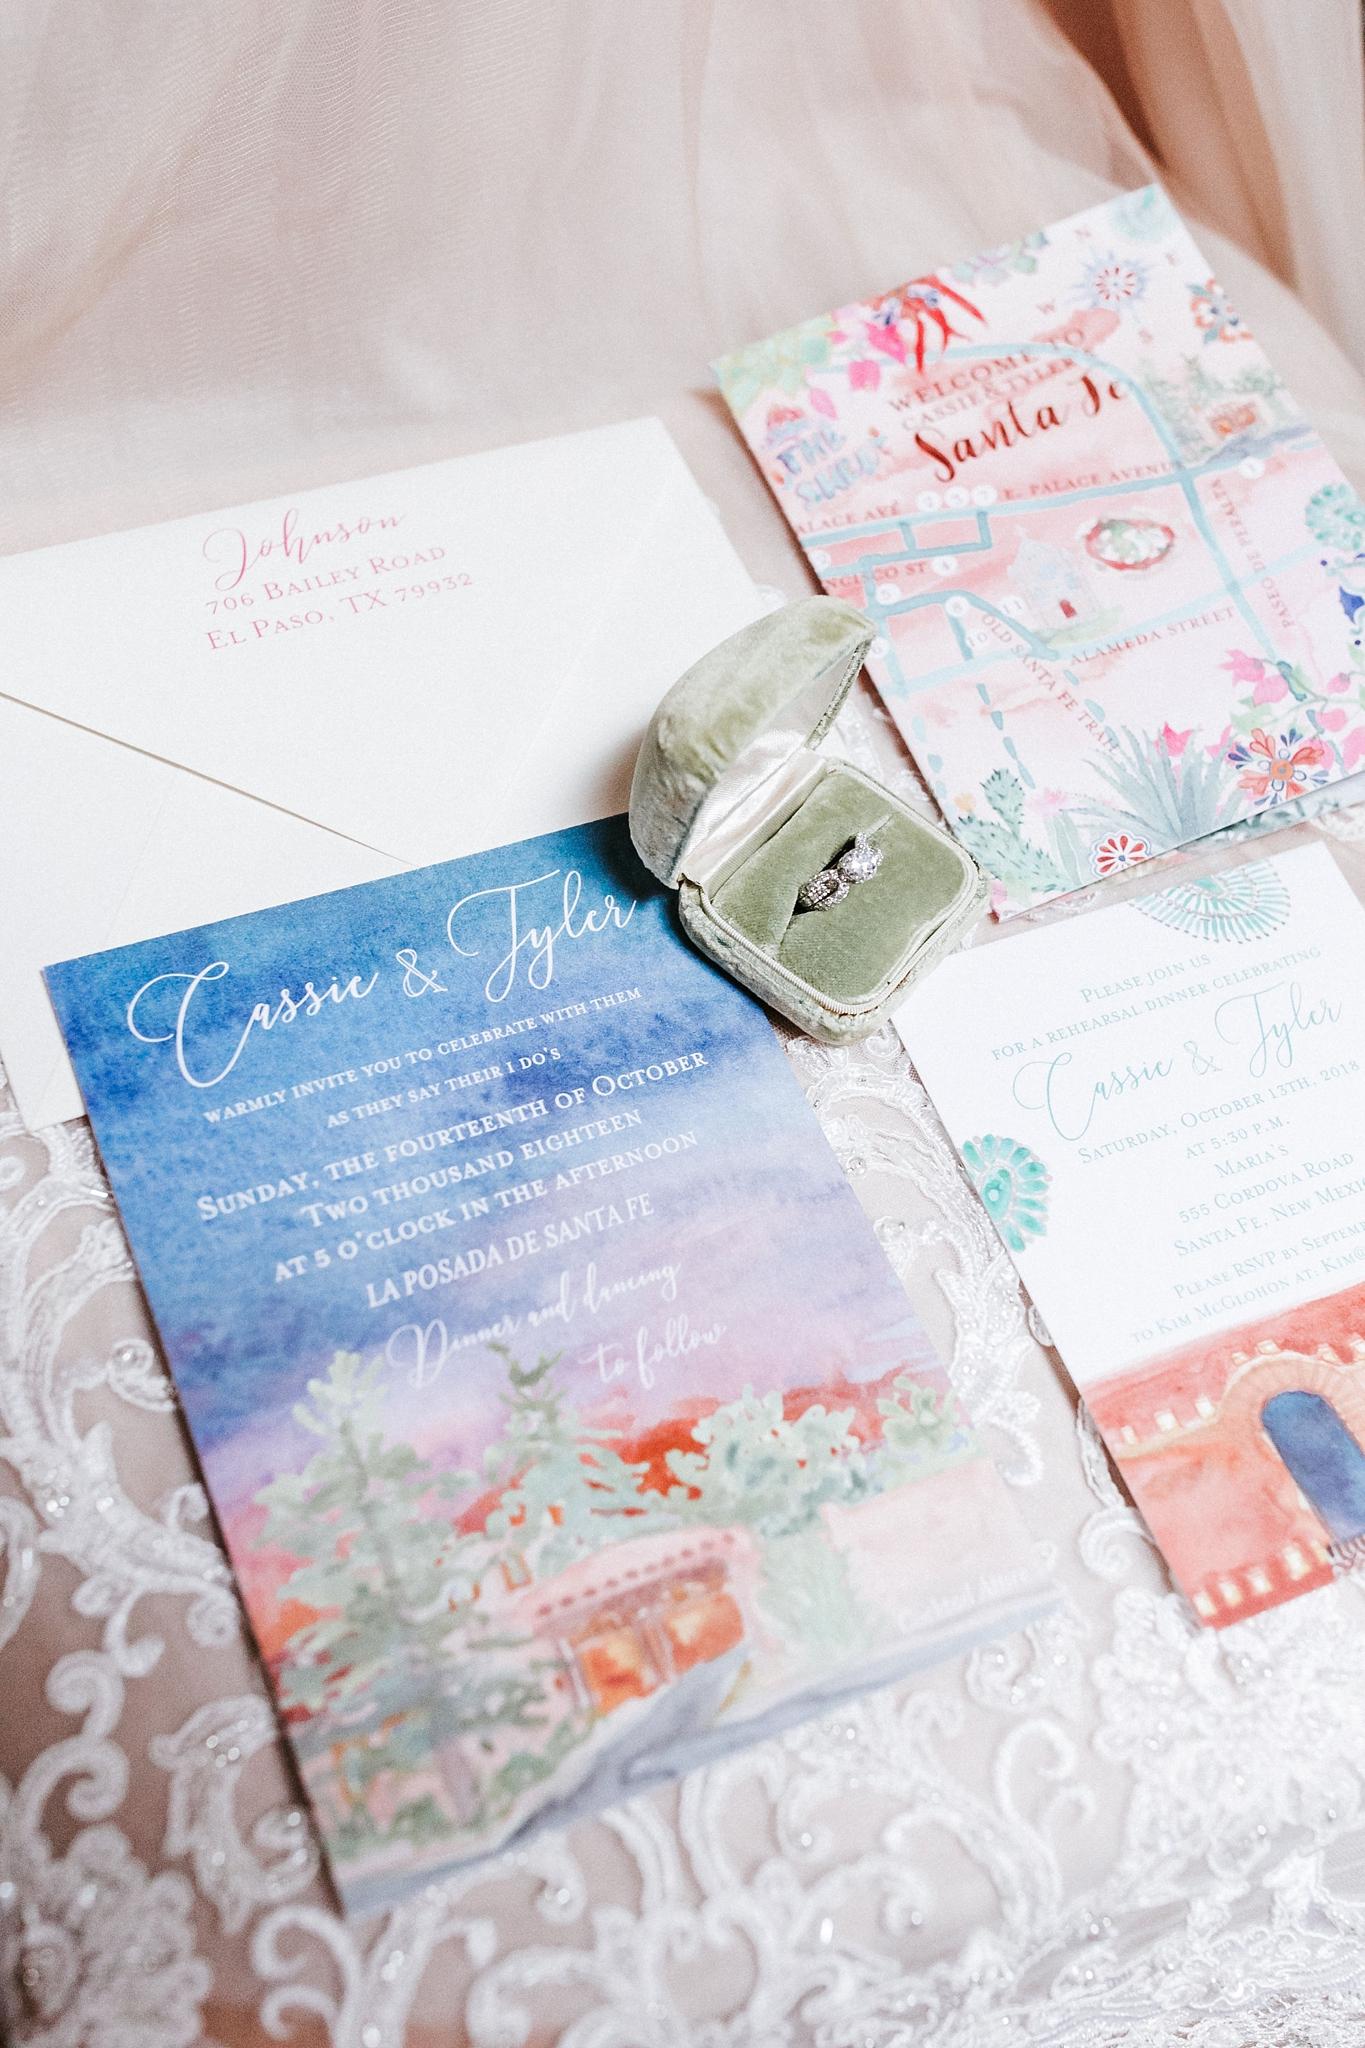 Alicia+lucia+photography+-+albuquerque+wedding+photographer+-+santa+fe+wedding+photography+-+new+mexico+wedding+photographer+-+new+mexico+wedding+-+wedding+invitations+-+invitation+suite+-+wedding+inspo_0020.jpg